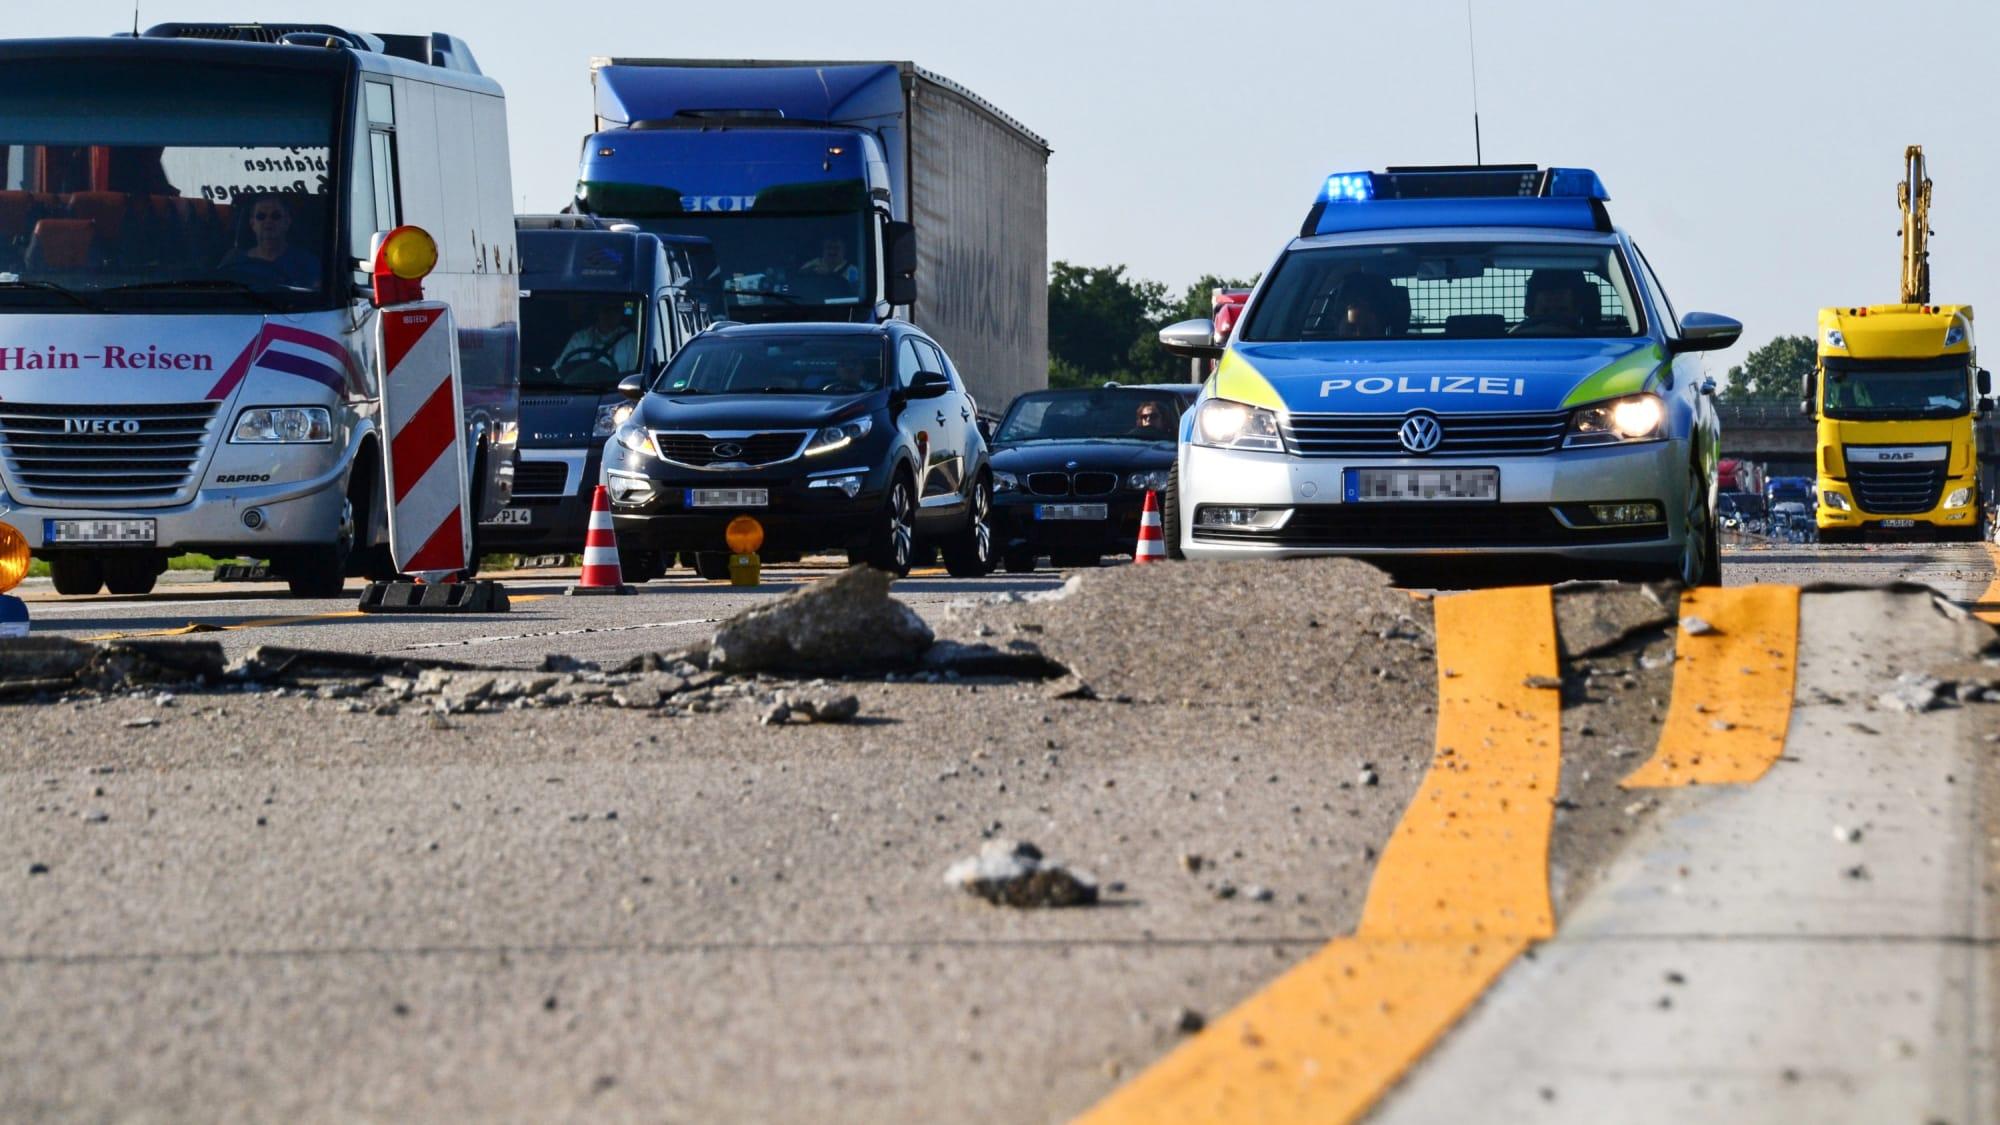 Ein Polizeiauto steht vor einer aufgerissenen Strasse